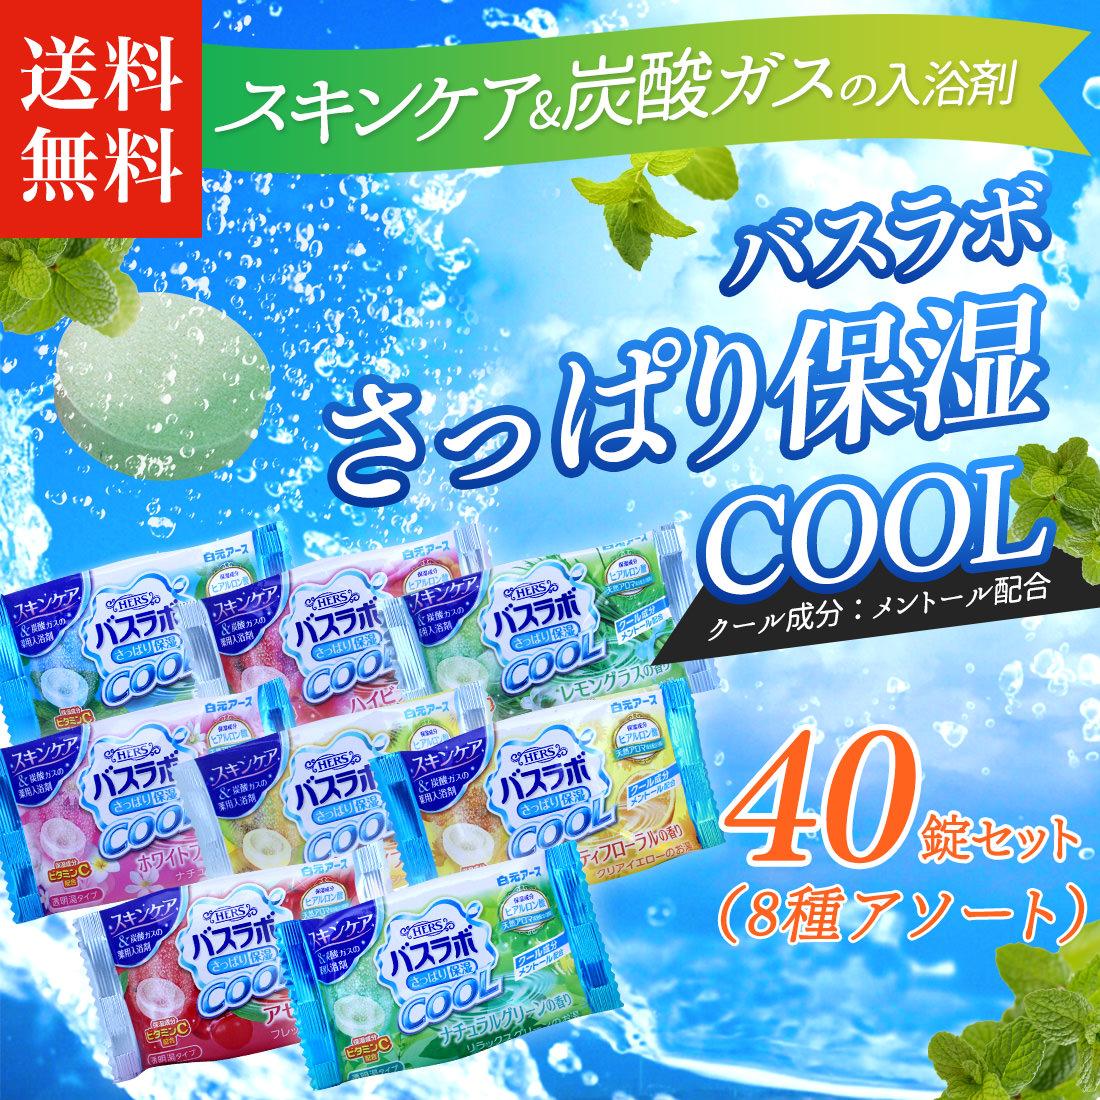 バスラボCOOL「薬用入浴剤 40錠セット」が新発売!